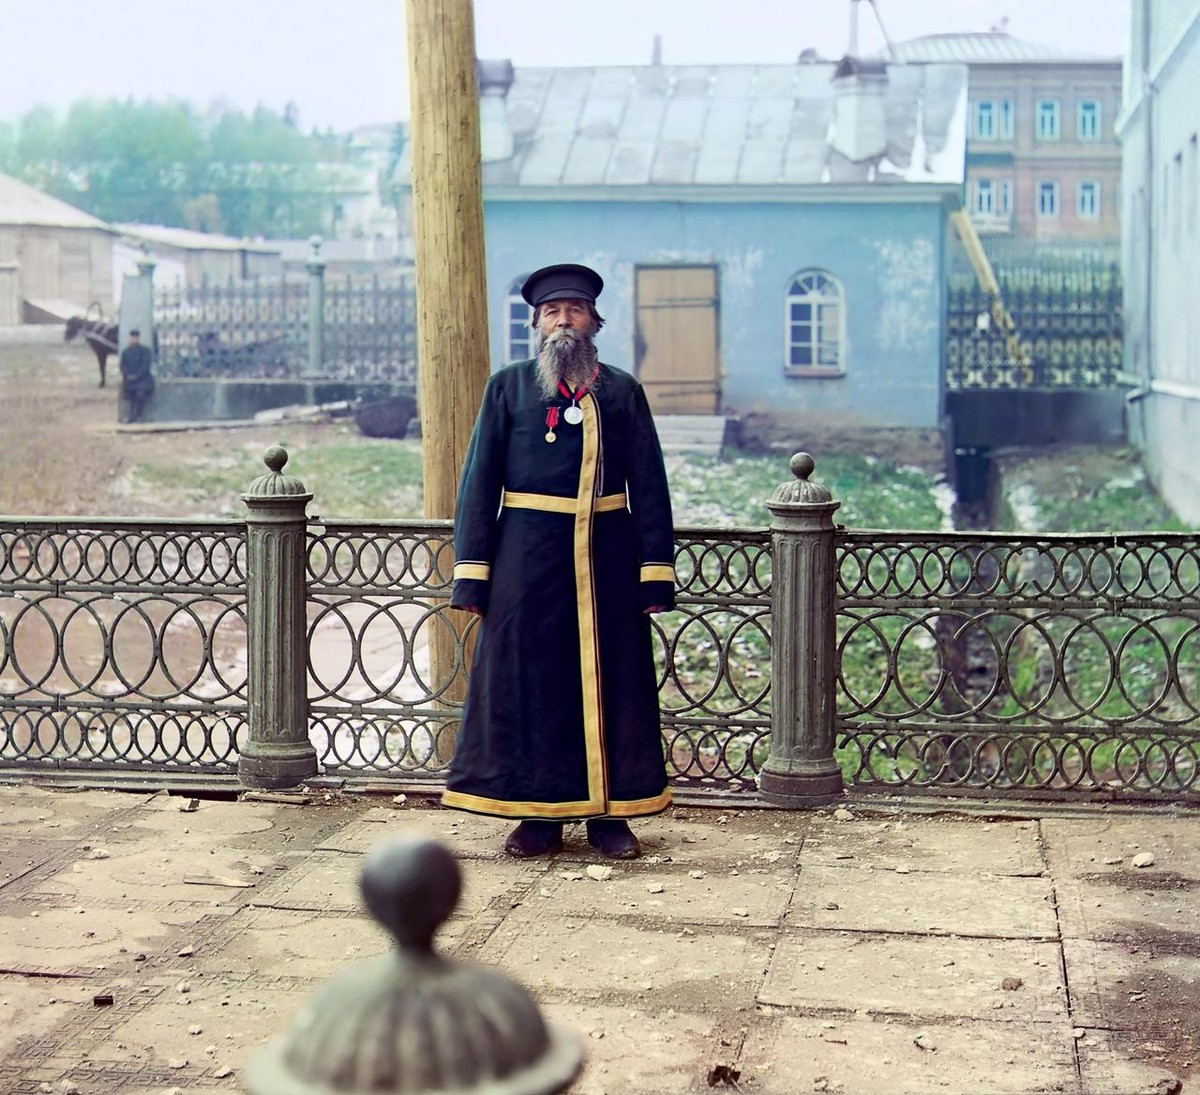 Андрей Петров Калганов. Бывший мастер завода. На службе был 55 лет, от роду 72 г. Имел счастие подносить хлеб-соль Его Императорскому Величеству Государю Императору Николаю II